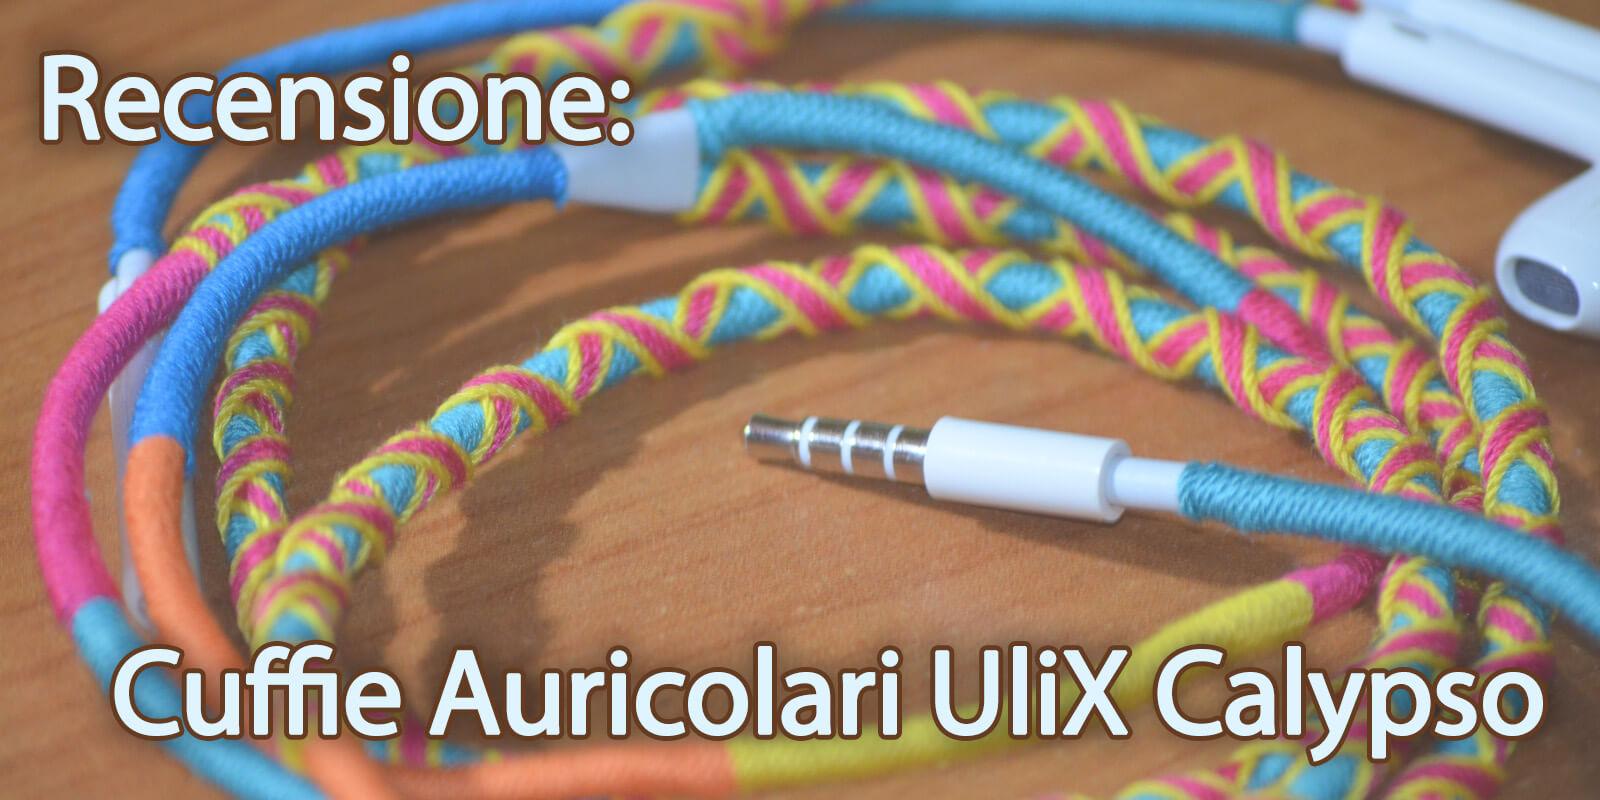 Recensione Cuffie Auricolari UliX Calypso